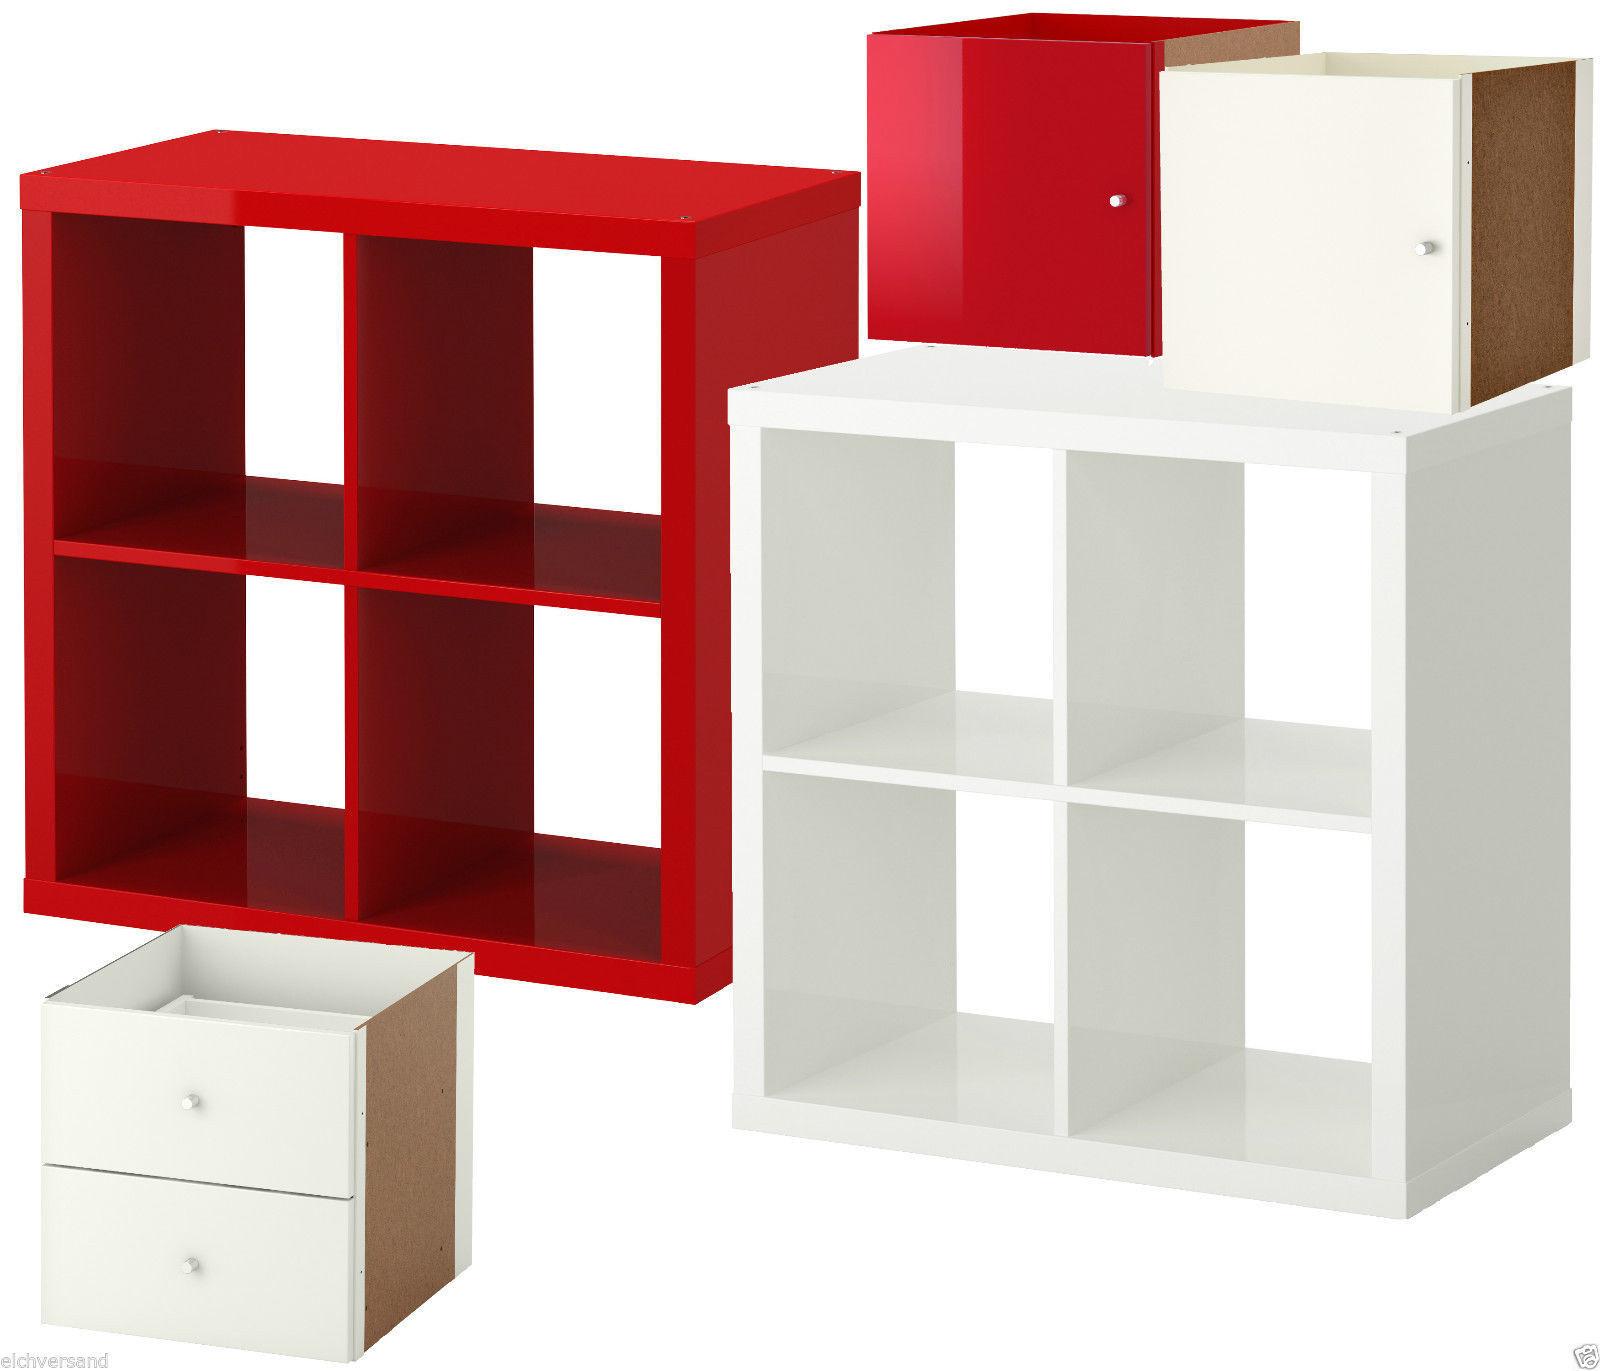 Ikea Kallax Regal Hochglanz Rot Weiss 4 Fach Tur Schublade Ehem